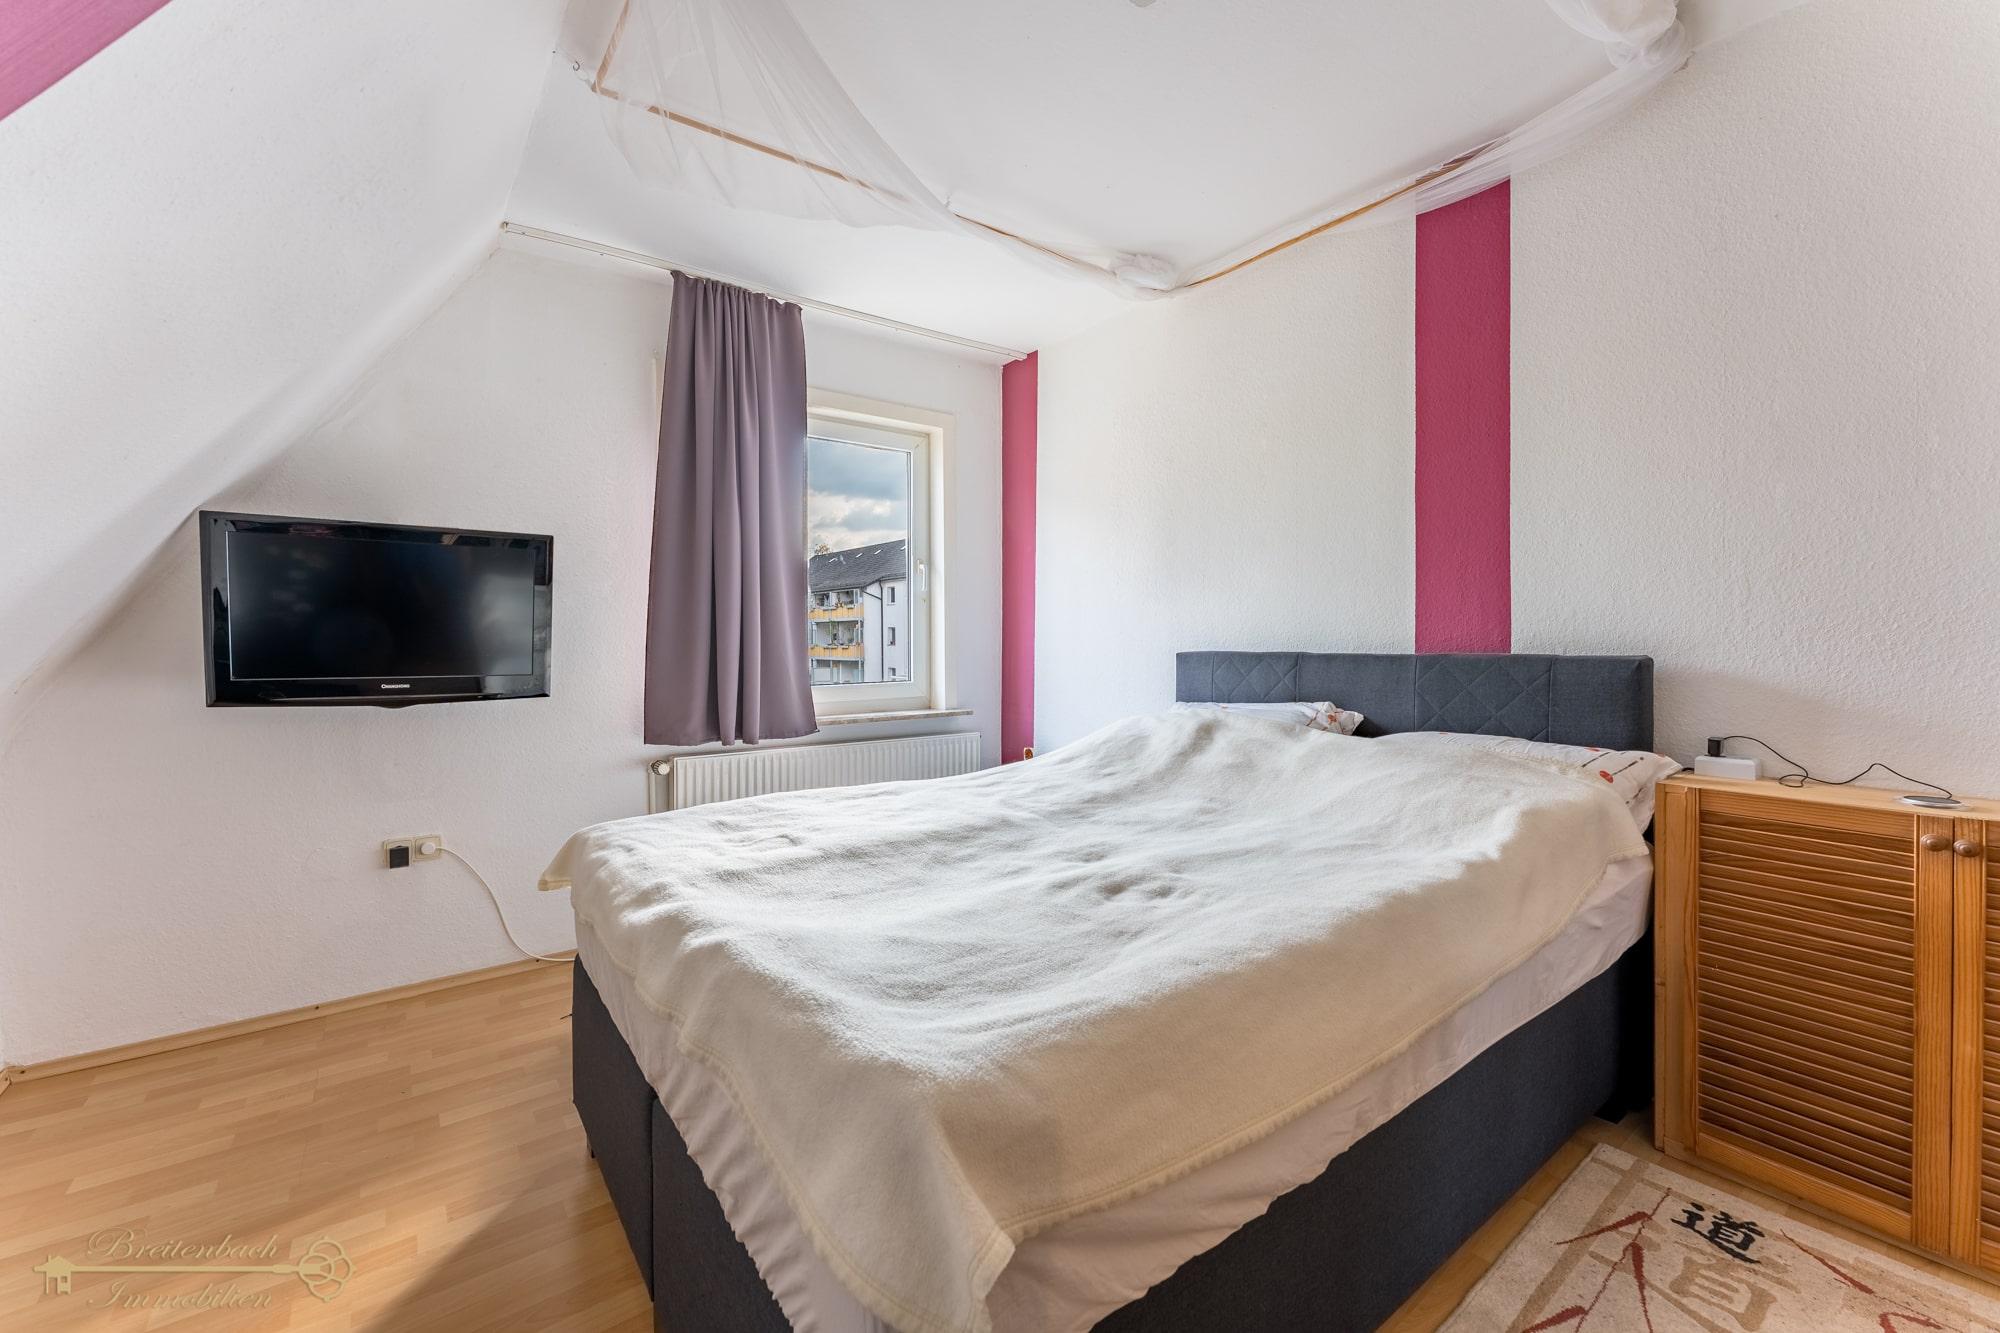 2021-05-01-Breitenbach-Immobilien-Makler-Bremen-26-min